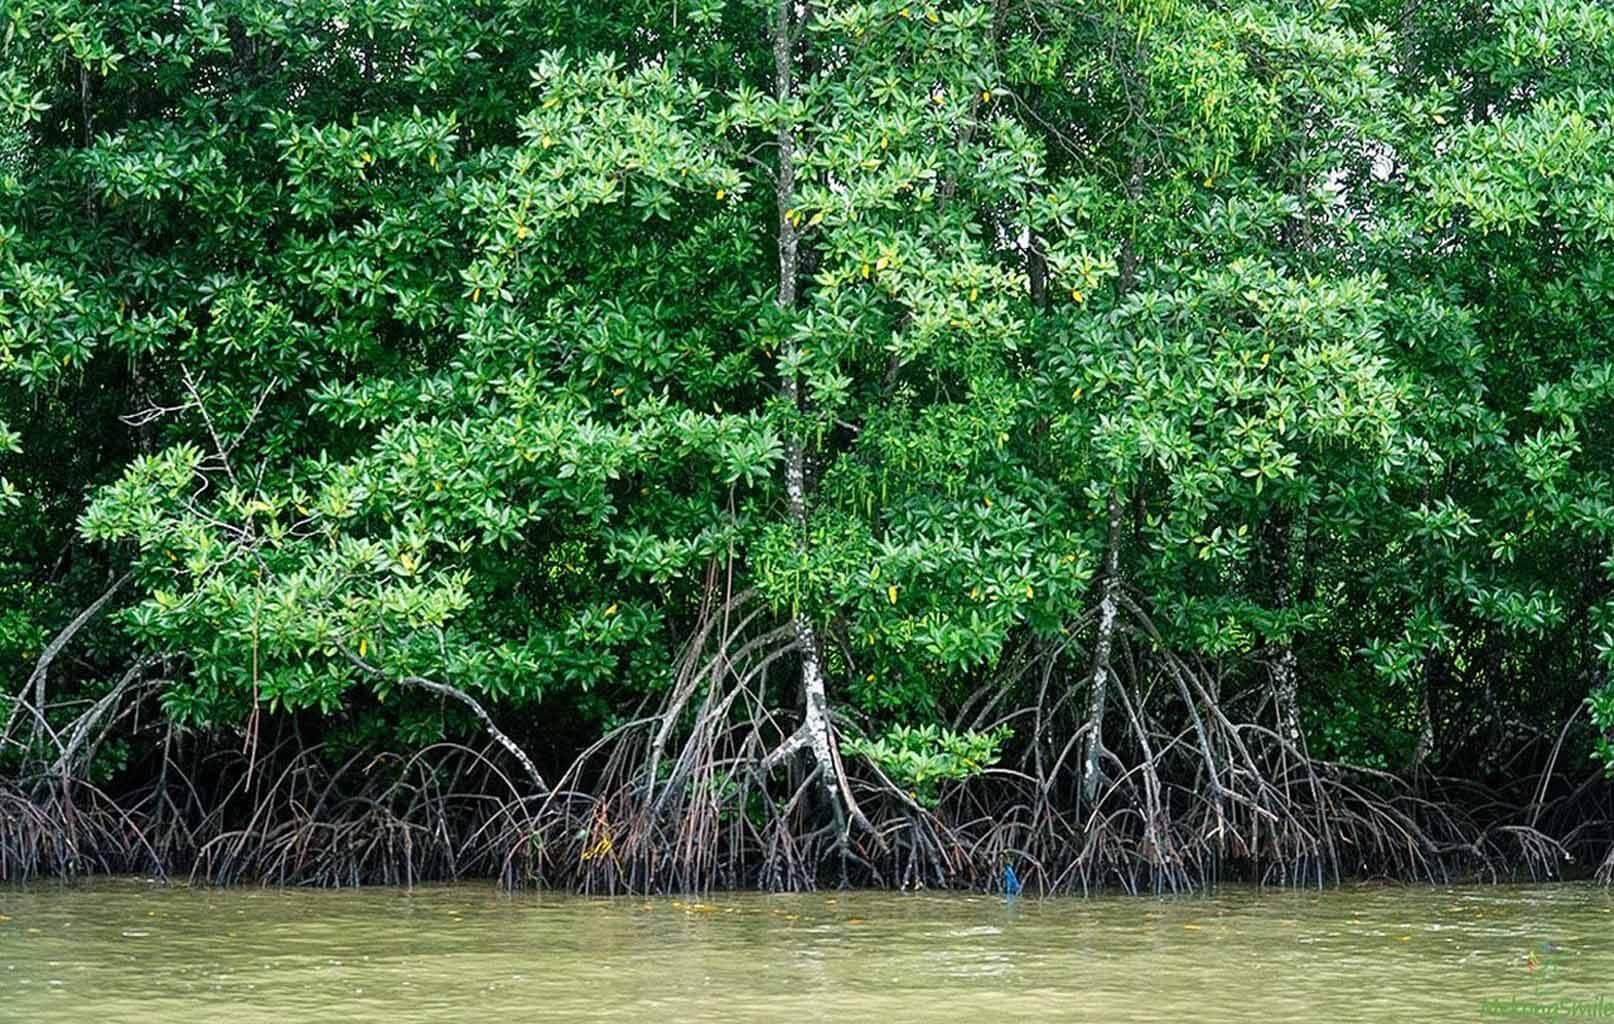 Hệ sinh thái rừng ngập mặn tại Vườn quốc gia Mũi Cà Mau